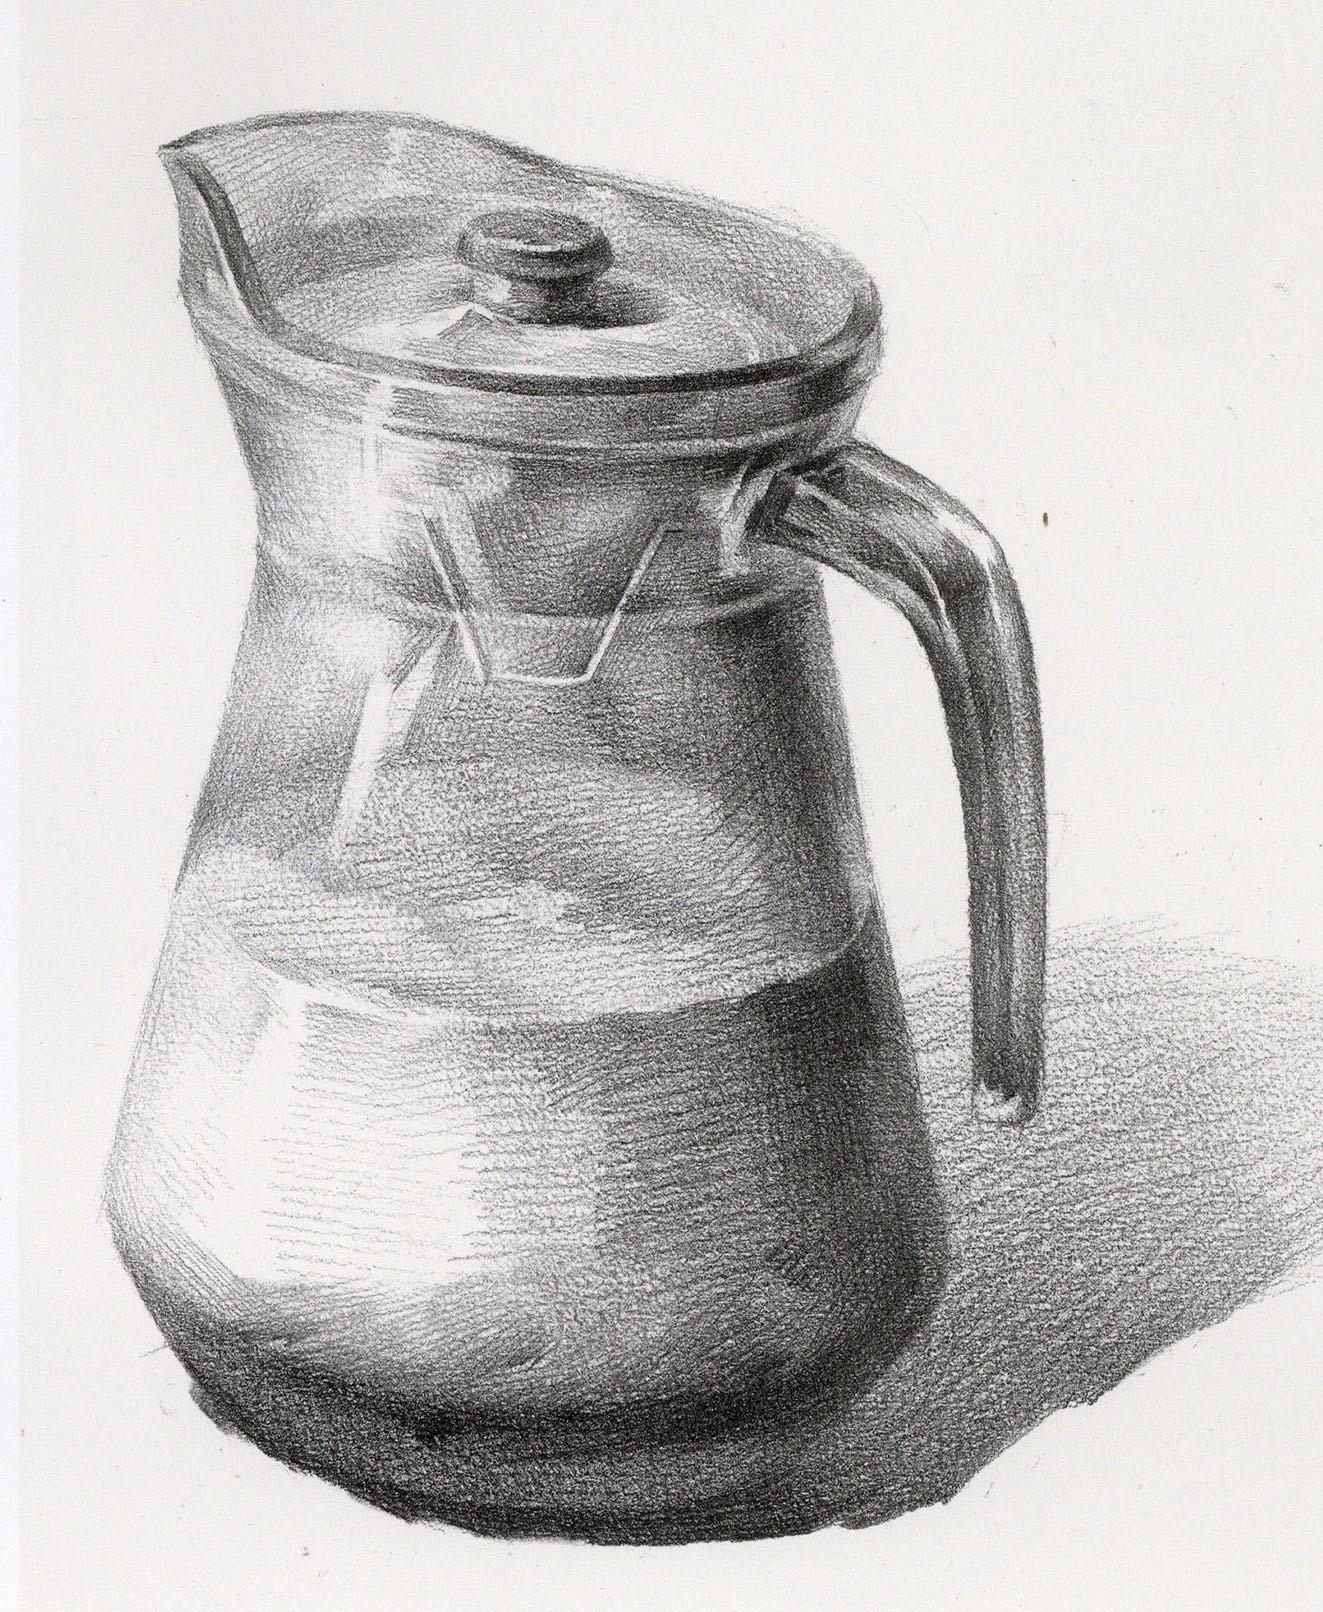 【干货】静物瓶子、瓦罐总画不好?很烦!很燥?请收下单体瓶罐教程